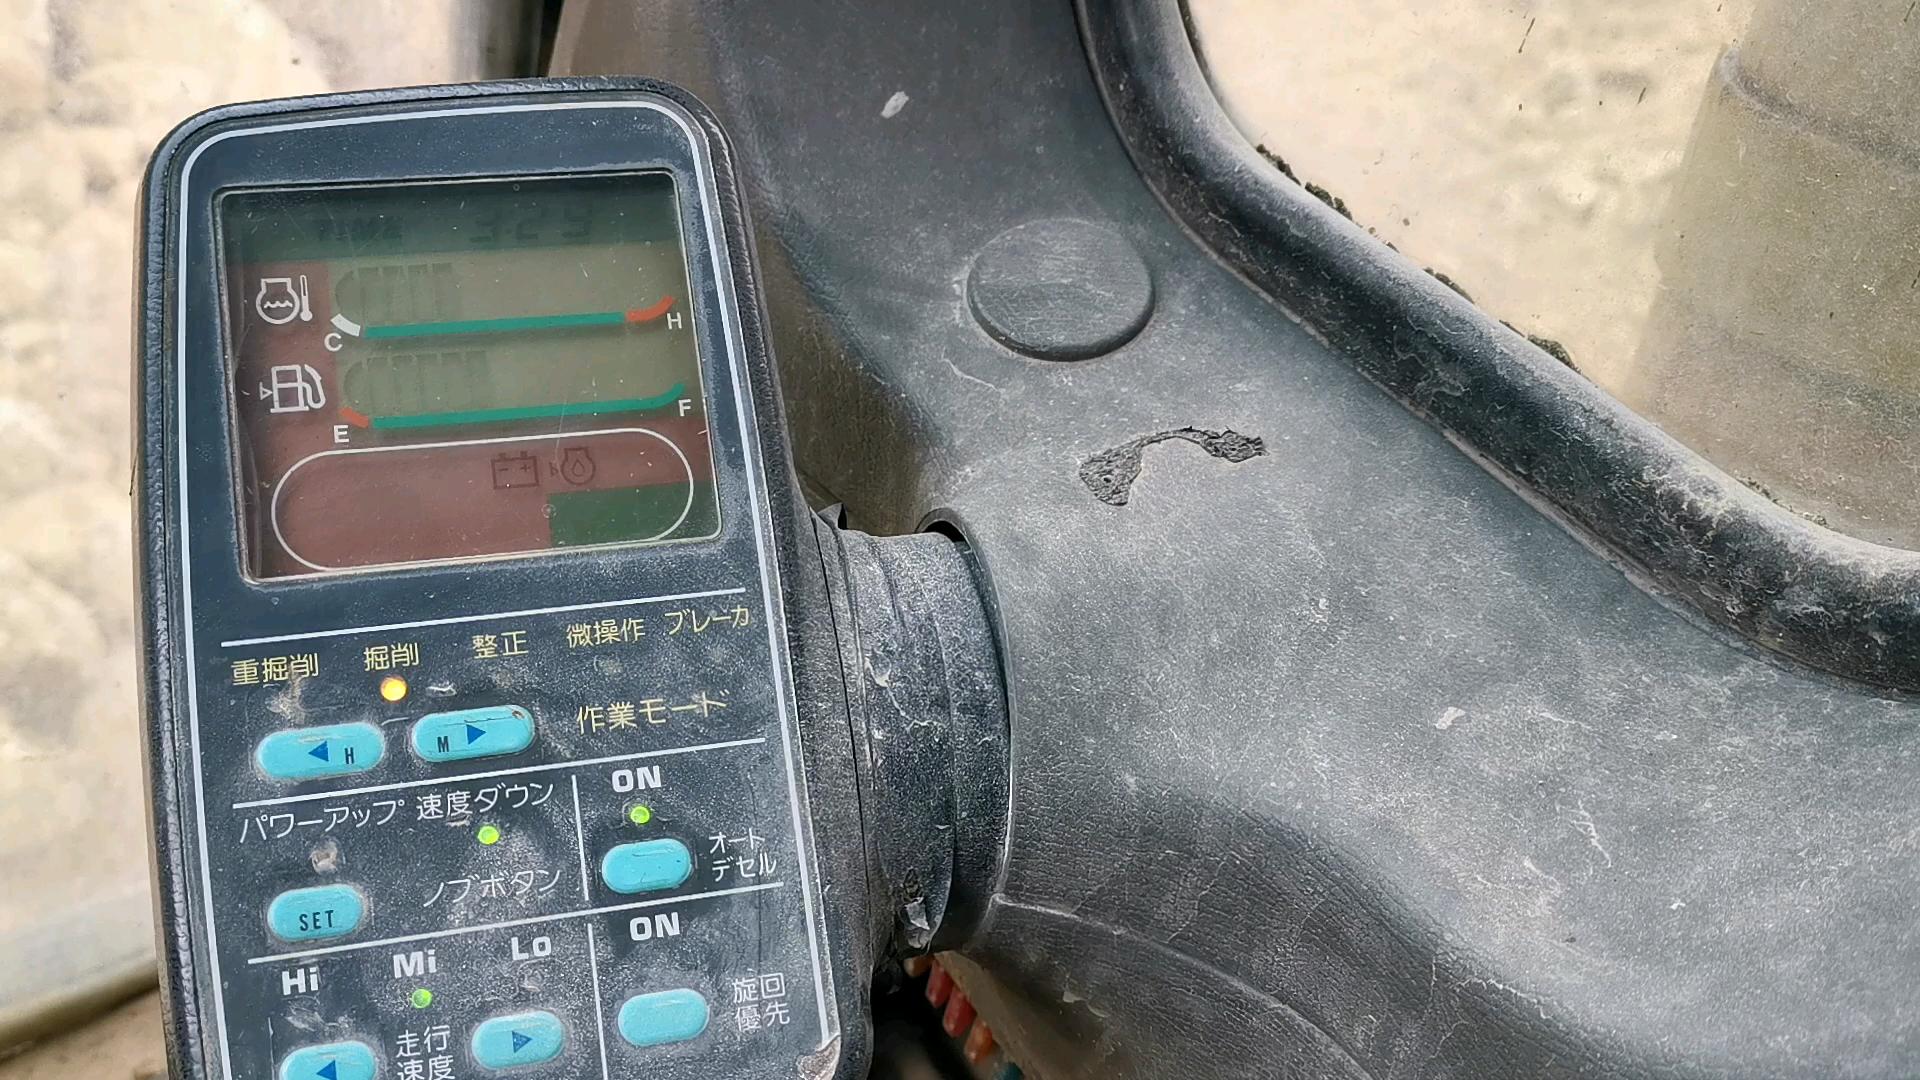 小松6型监控器显示和特殊功能